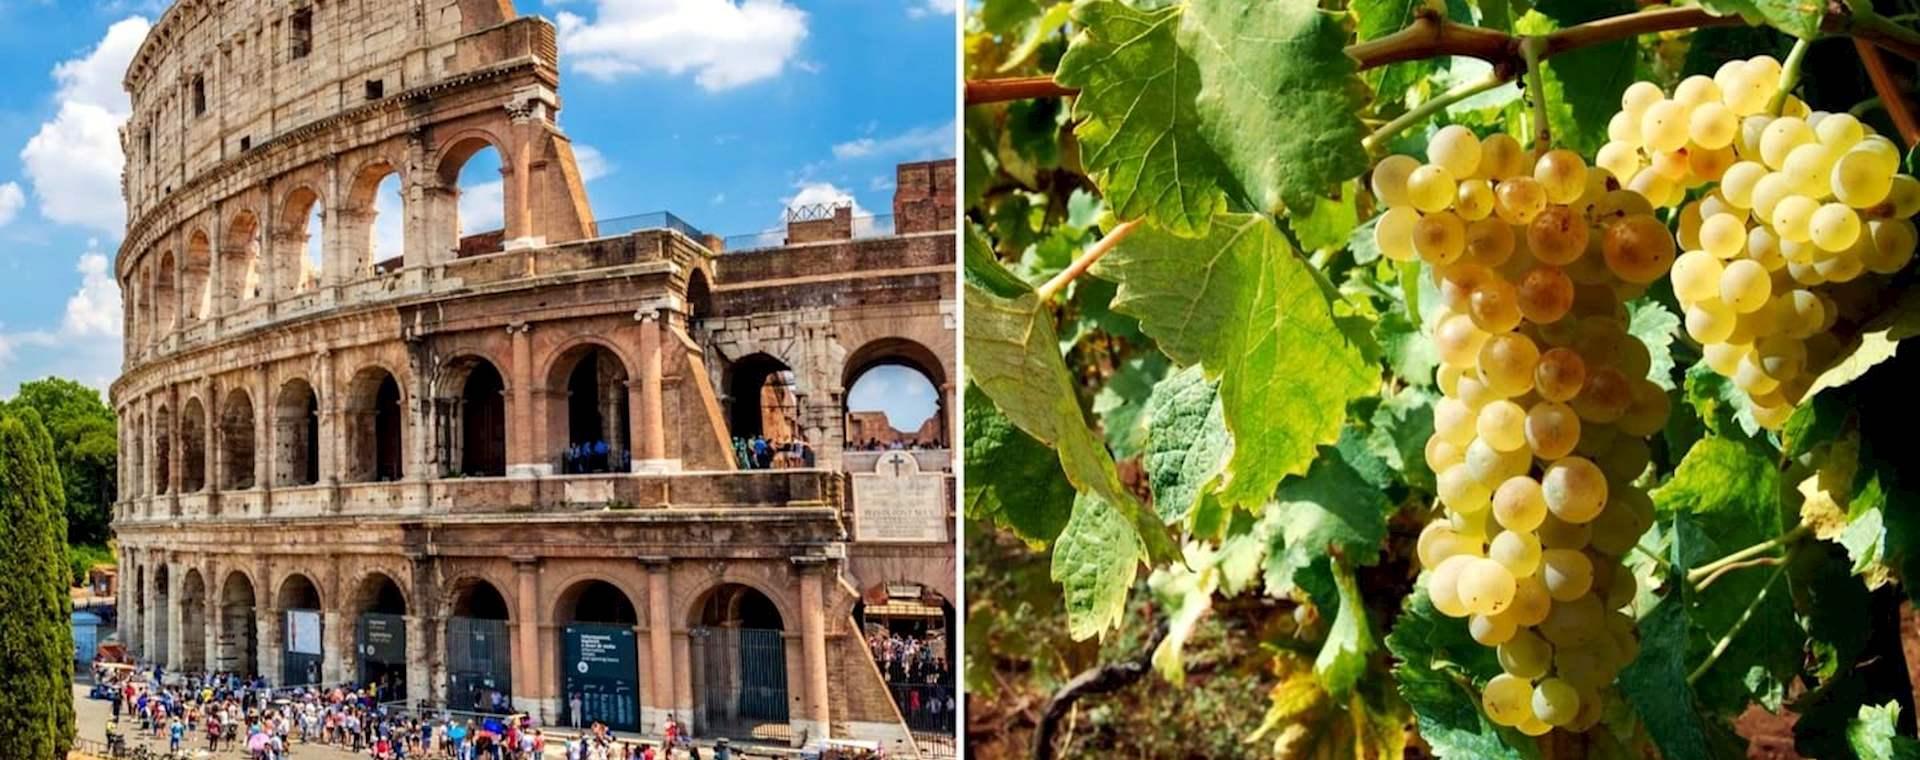 Full-Day Combo: Colosseum Tour & Frascati Vineyard Wine Tasting